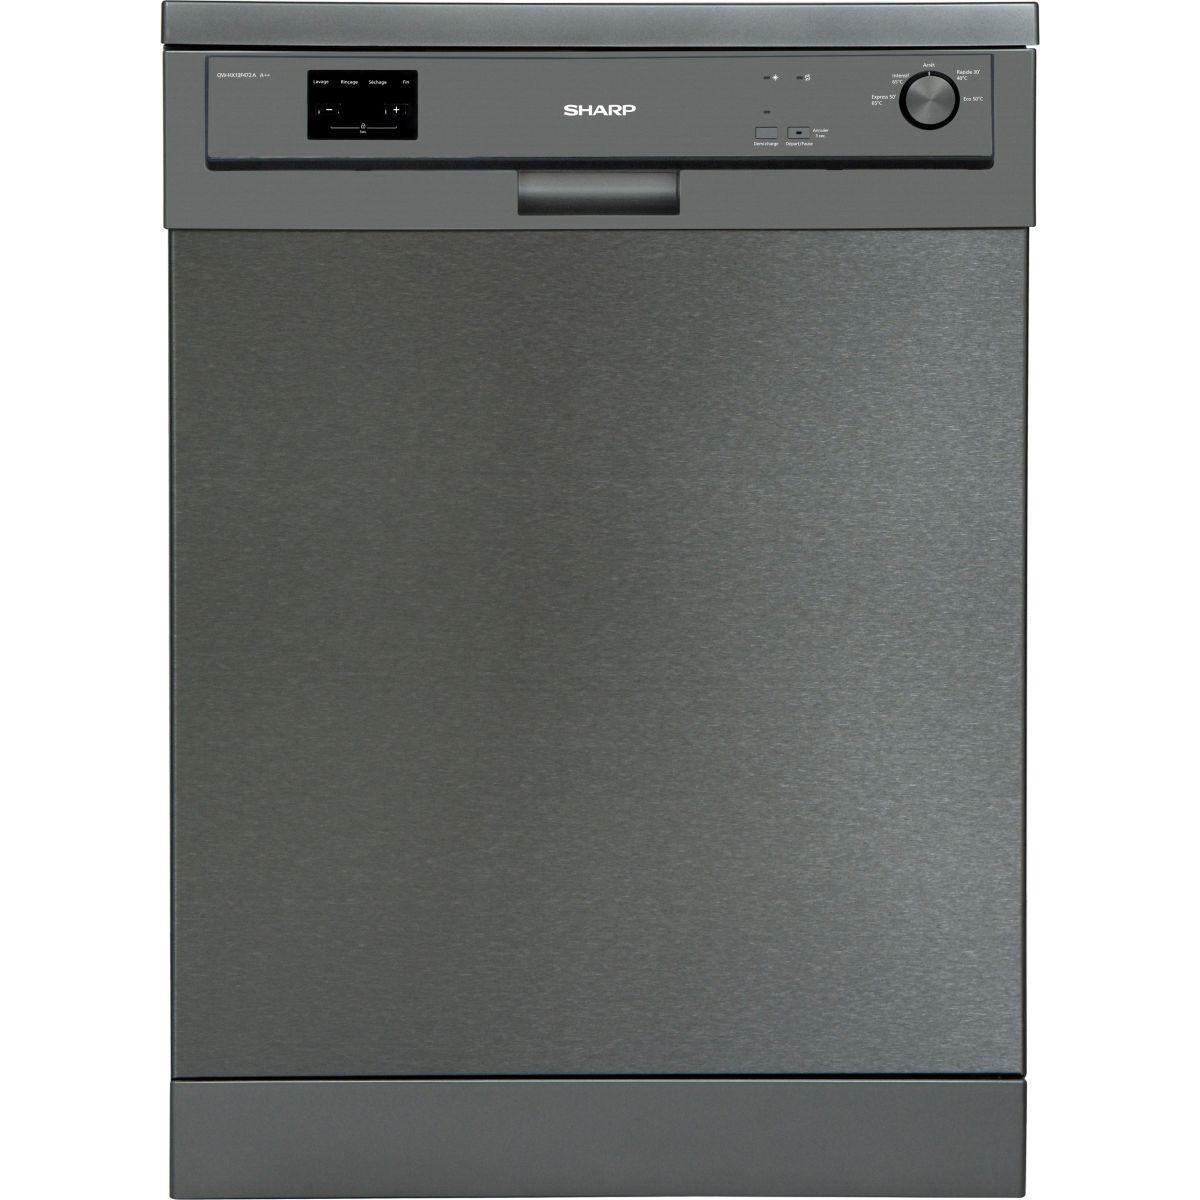 Lave vaisselle 60 cm sharp qw-hx13f472a-fr - livraison offerte : code livp